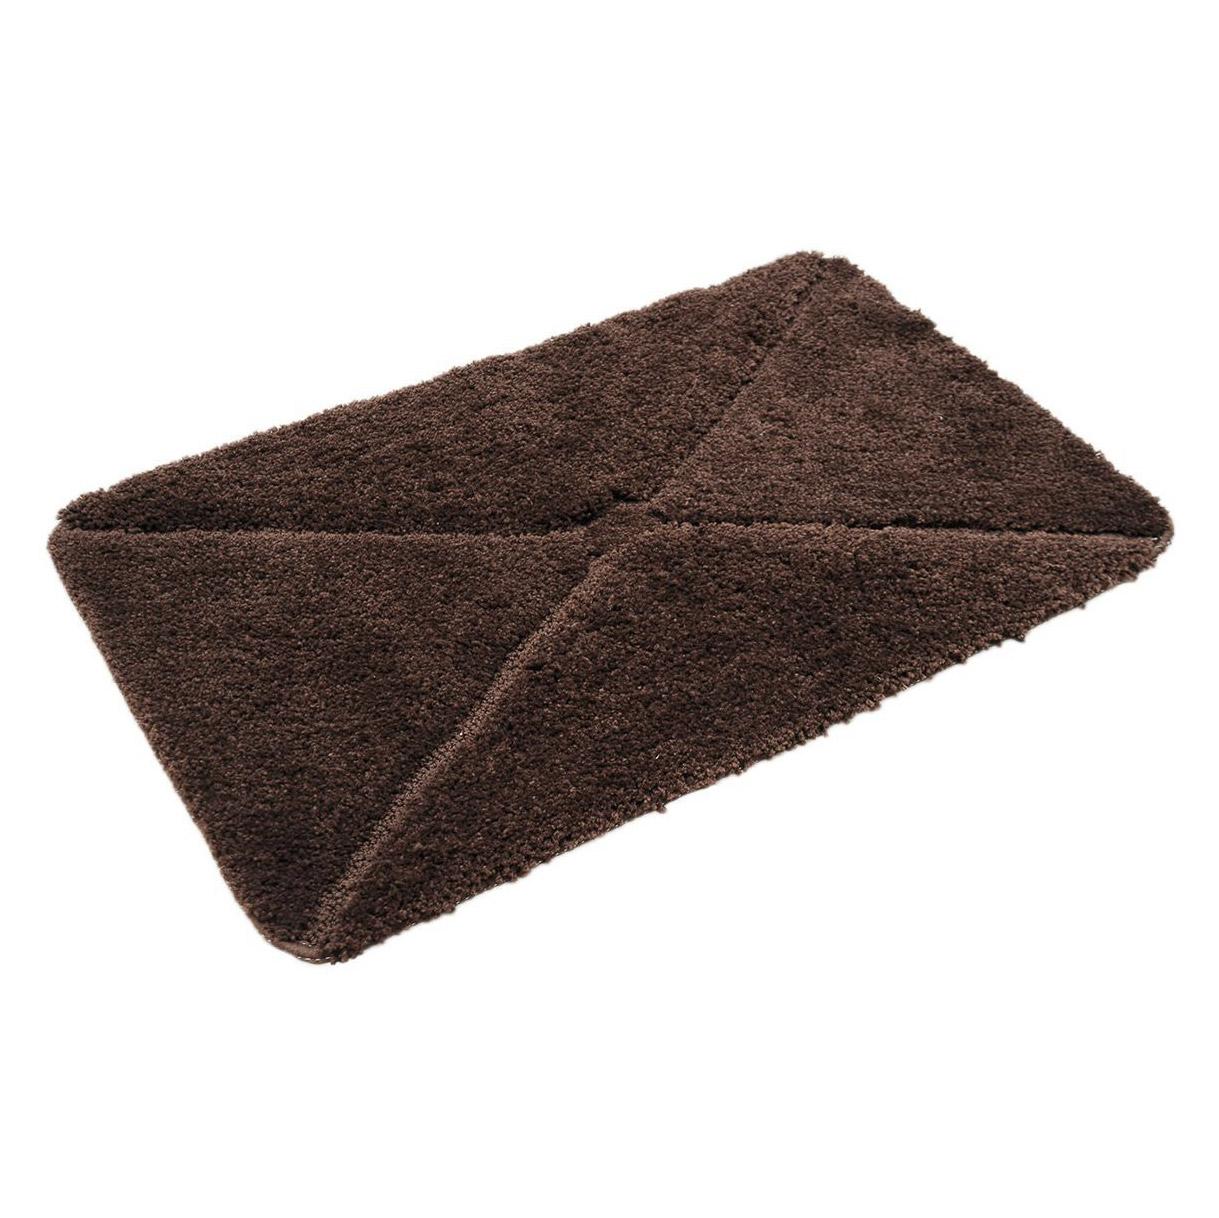 Купить Мягкий коврик для ванной комнаты Wess